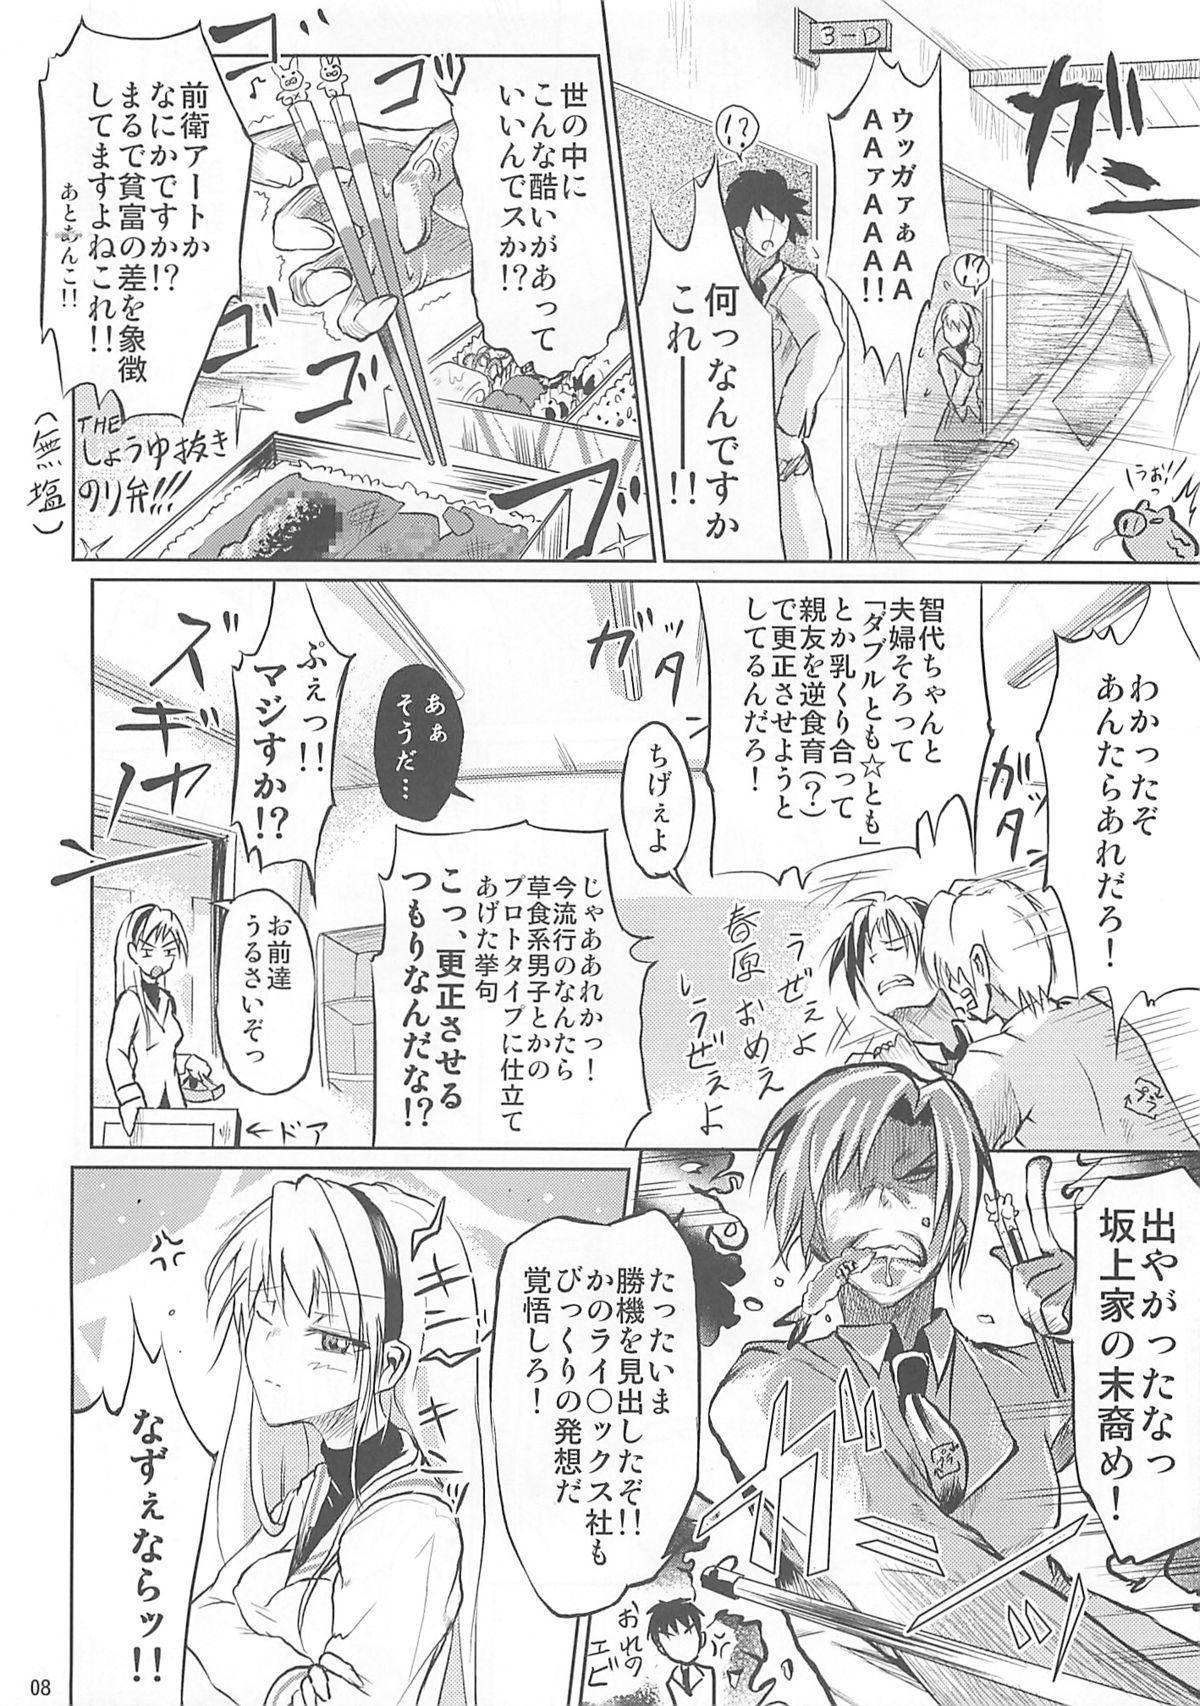 Ashi no Kirei na T-san wa Shimari ga Ii 7